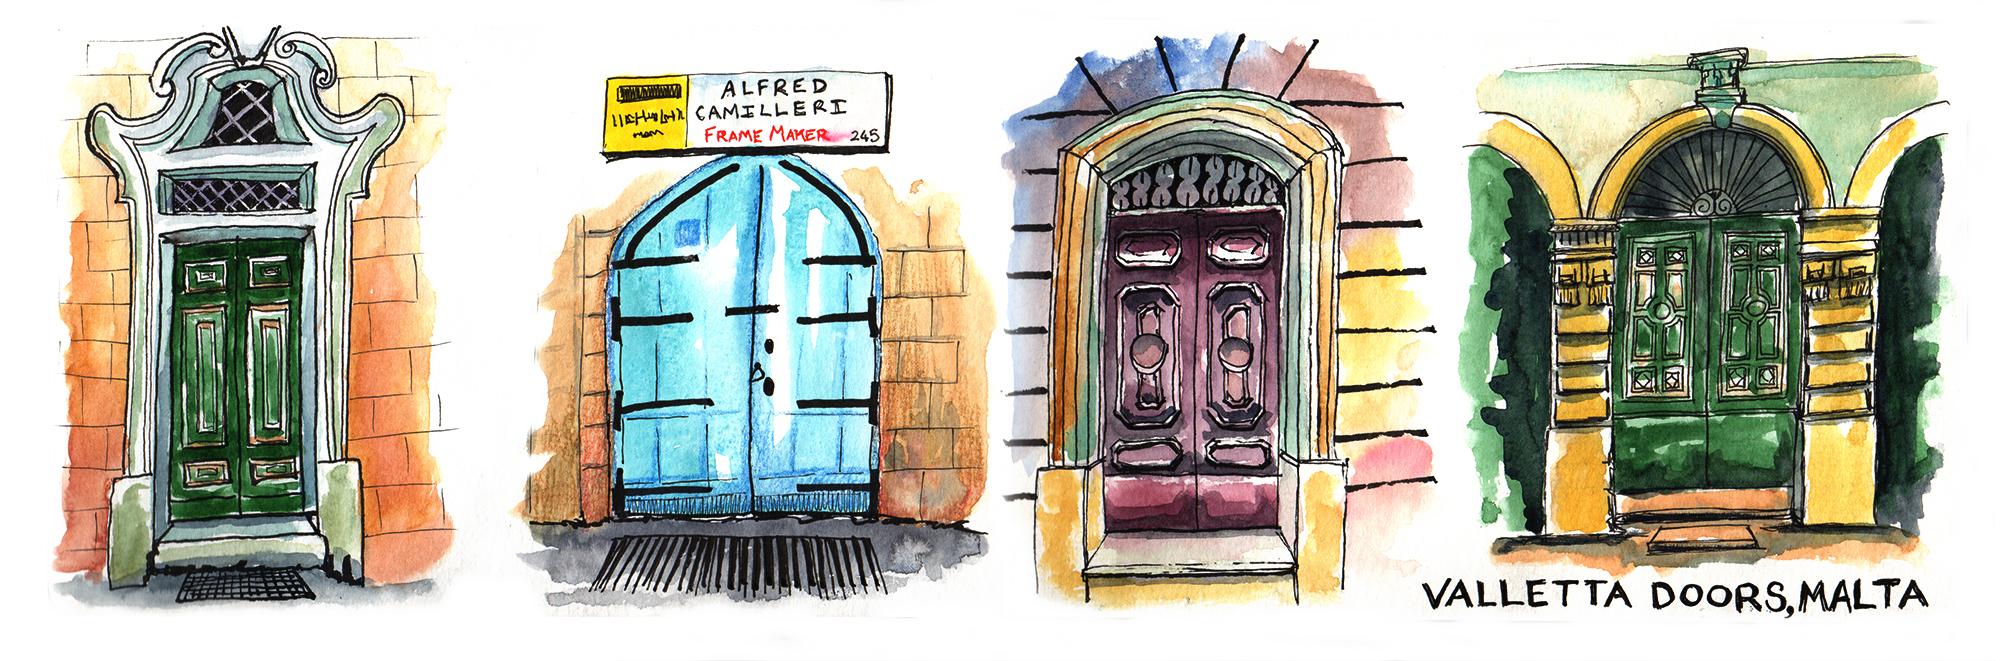 Valletta doors, Malta